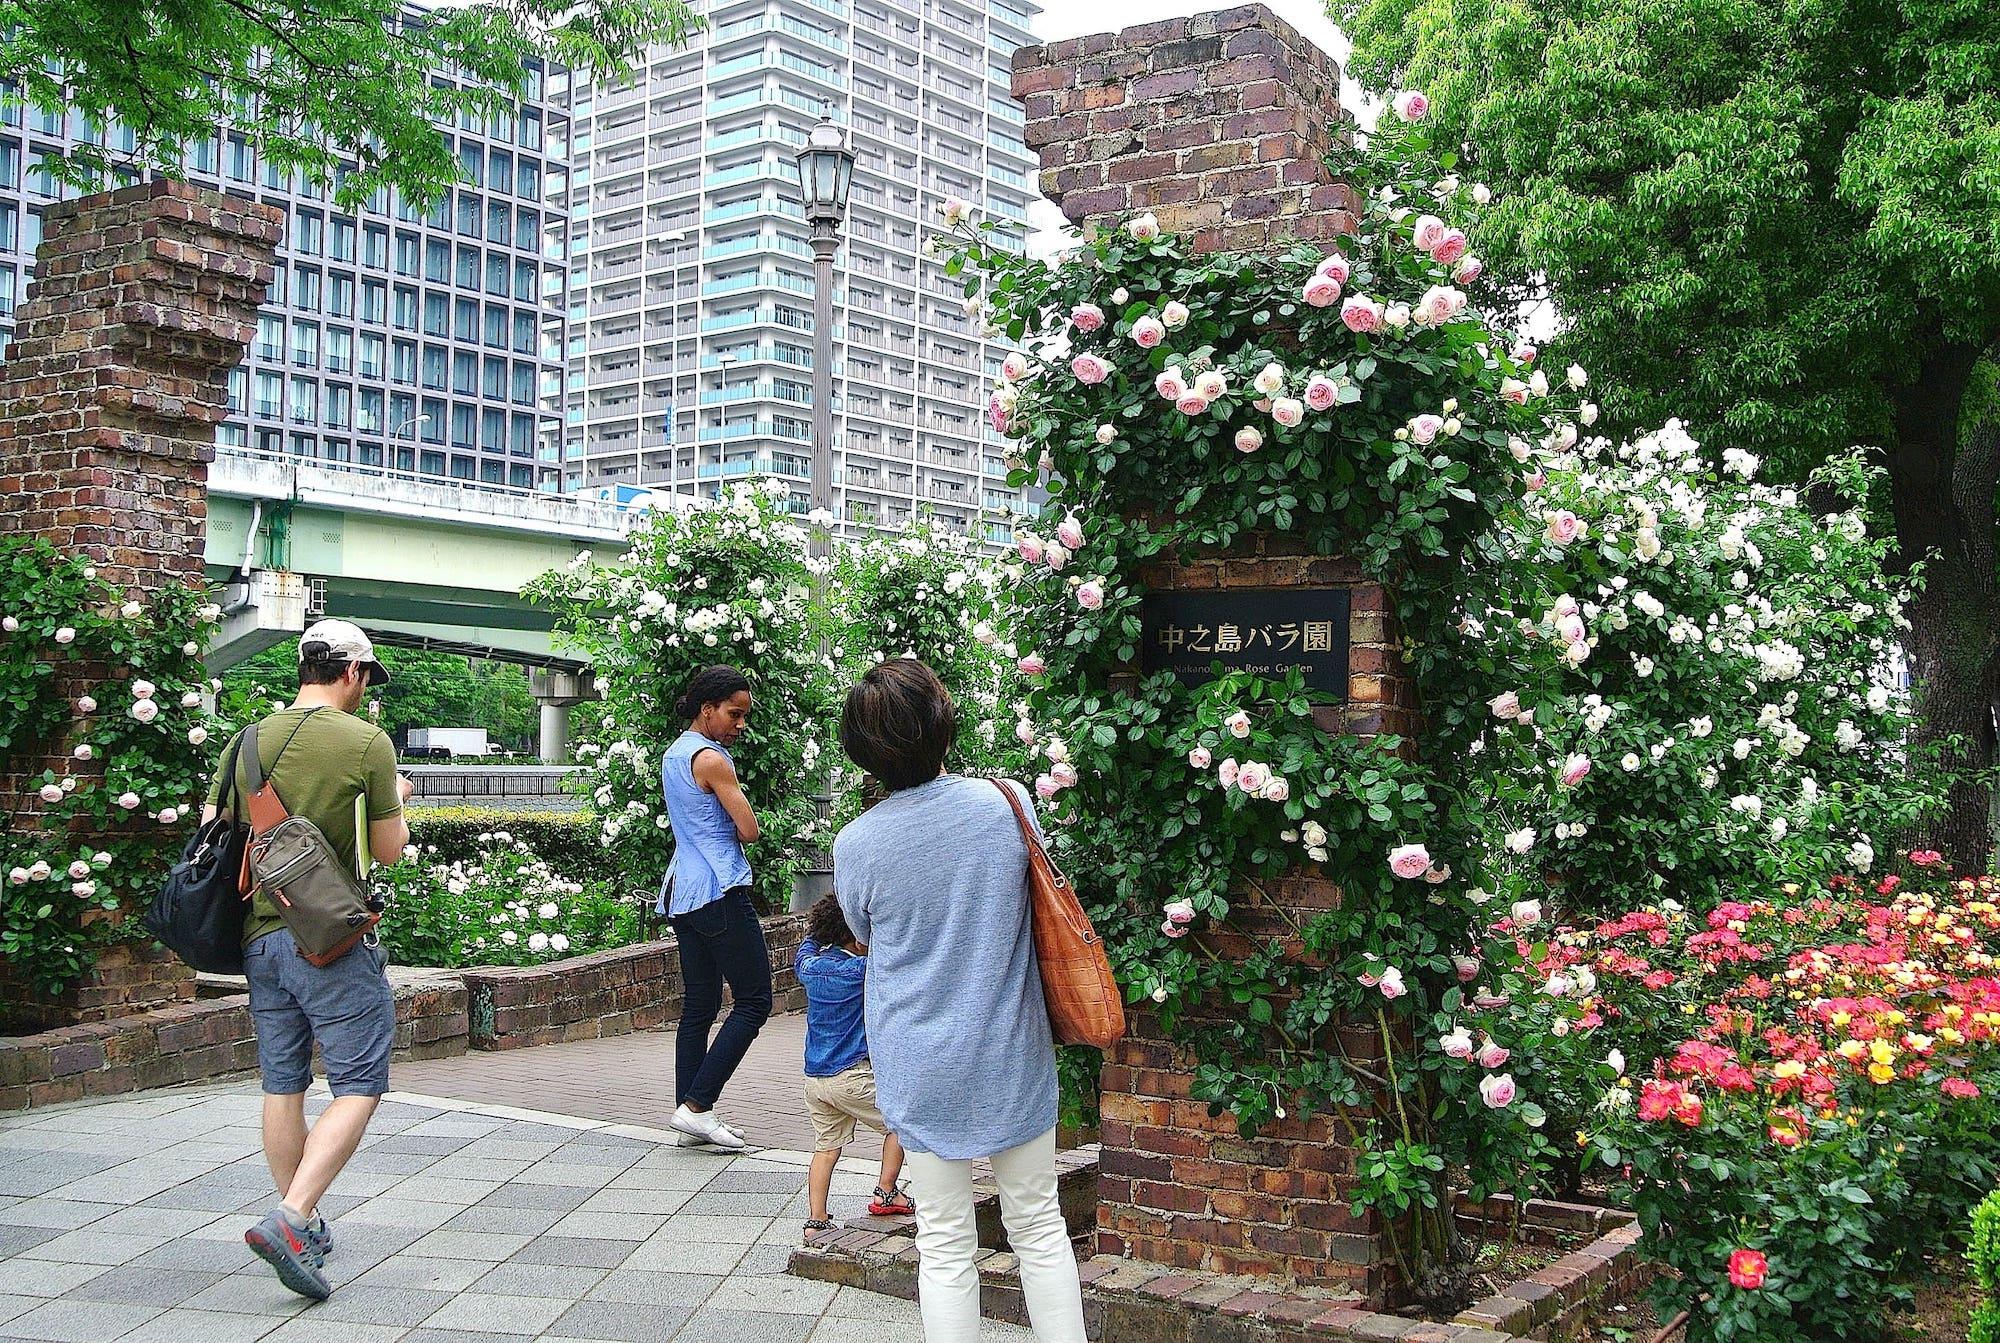 高層ビルや高速道路の高架と、しっくりと調和しているのが、中之島バラ園の魅力のひとつ。★